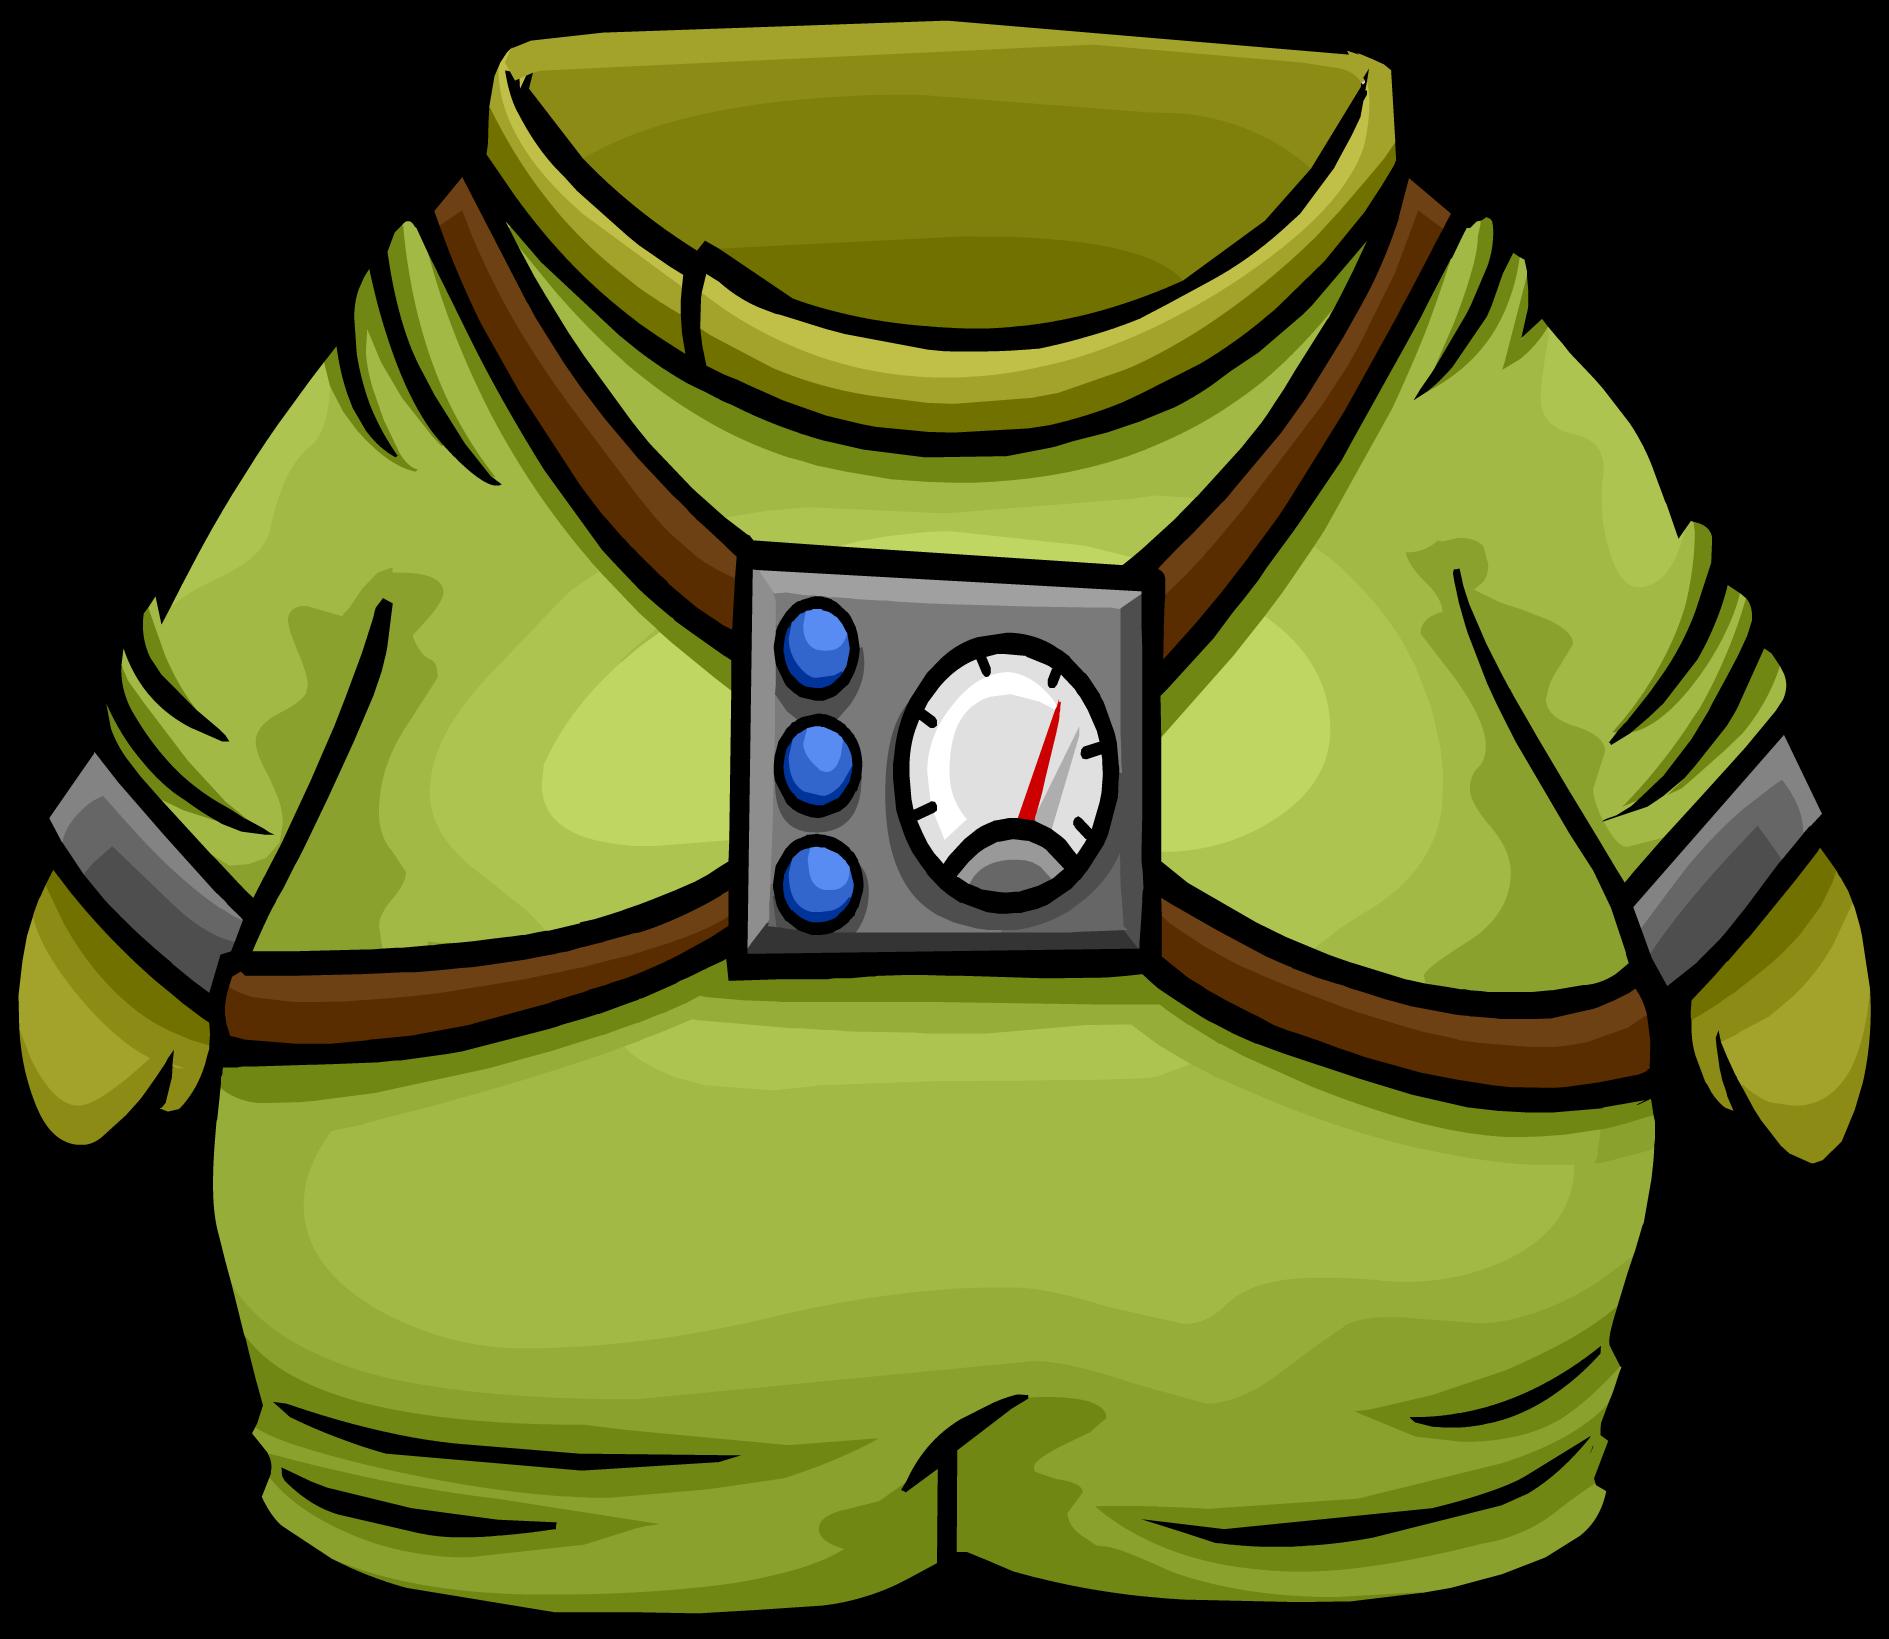 Diver clipart scuba suit. Divers club penguin wiki